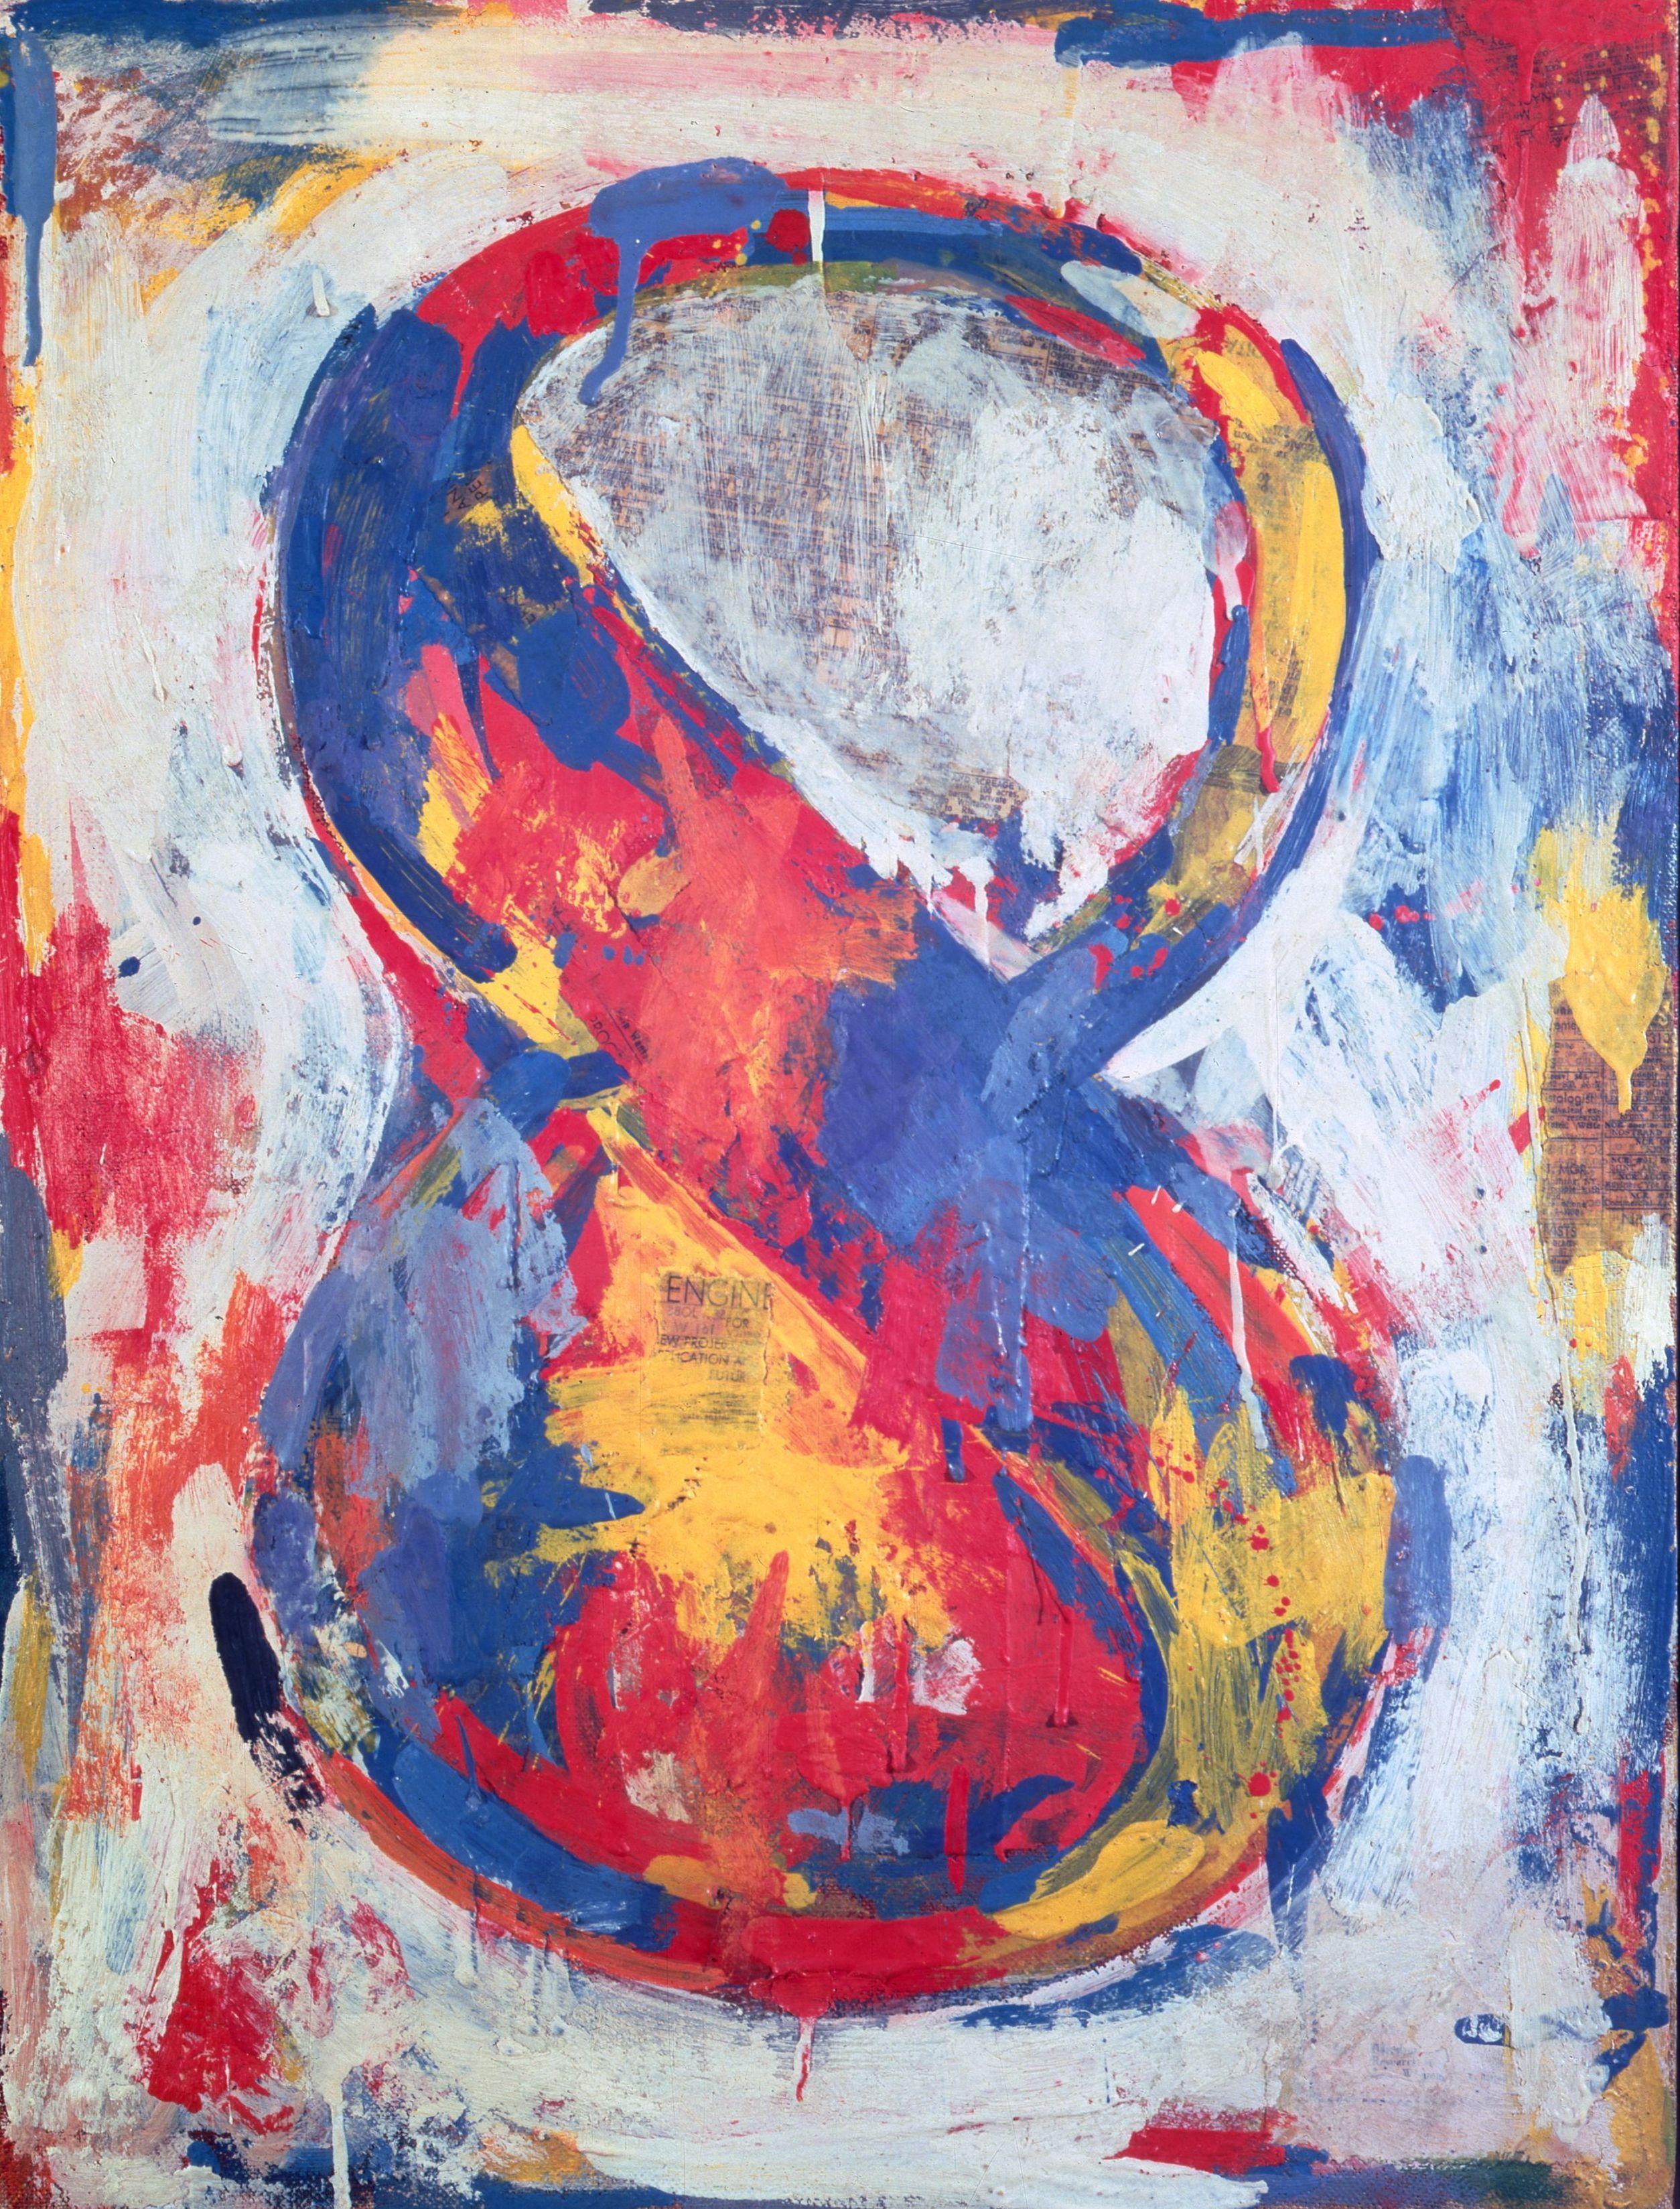 Jasper Johns – Figura 8 (Figure 8), 1959. The Sonnabend Collection. Prestito a lungo termine presso Ca' Pesaro, Galleria Internazionale d'Arte Moderna, Venezia, Nina Sundell e Antonio Homem © Jasper Johns | Artribune